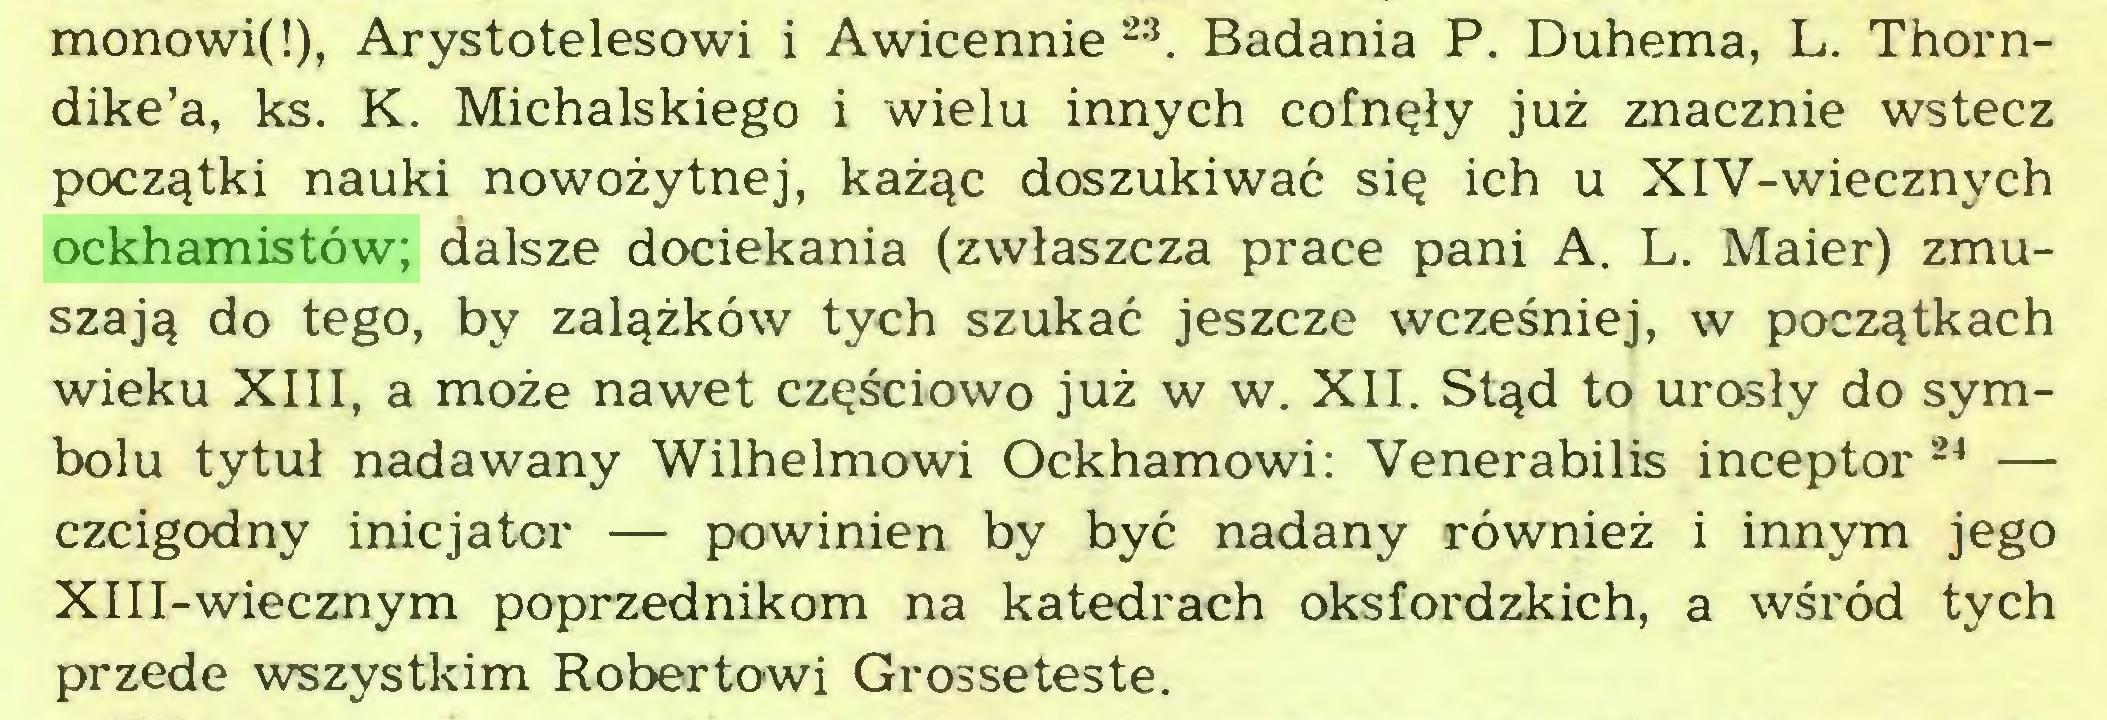 (...) monowi!), Arystotelesowi i Awicennie 23. Badania P. Duhema, L. Thorndike'a, ks. K. Michalskiego i wielu innych cofnęły już znacznie wstecz początki nauki nowożytnej, każąc doszukiwać się ich u XIV-wiecznych ockhamistów; dalsze dociekania (zwłaszcza prace pani A. L. Maier) zmuszają do tego, by zalążków tych szukać jeszcze wcześniej, w początkach wieku XIII, a może nawet częściowo już w w. XII. Stąd to urosły do symbolu tytuł nadawany Wilhelmowi Ockhamowi: Venerabilis inceptor 24 — czcigodny inicjator — powinien by być nadany również i innym jego XIII-wiecznym poprzednikom na katedrach oksfordzkich, a wśród tych przede wszystkim Robertowi Grosseteste...